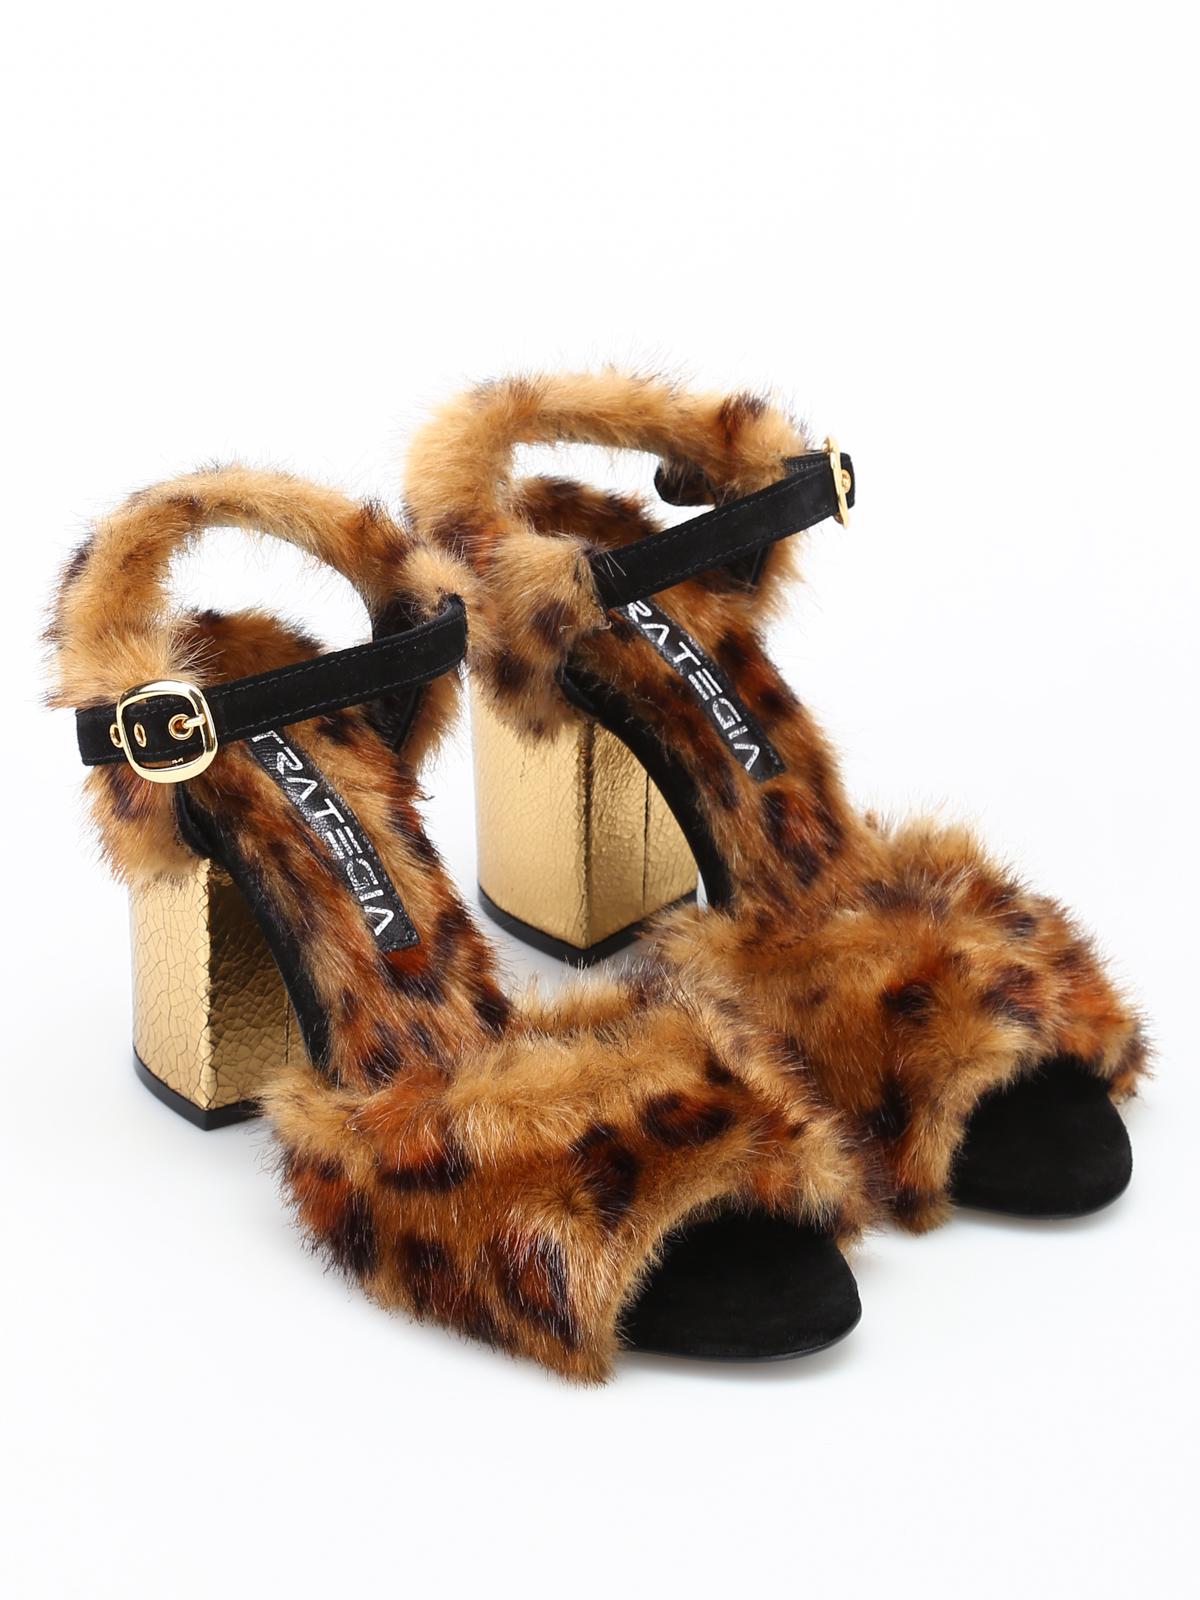 Hanna sandals - Brown Strategia zWrHPRU8Y